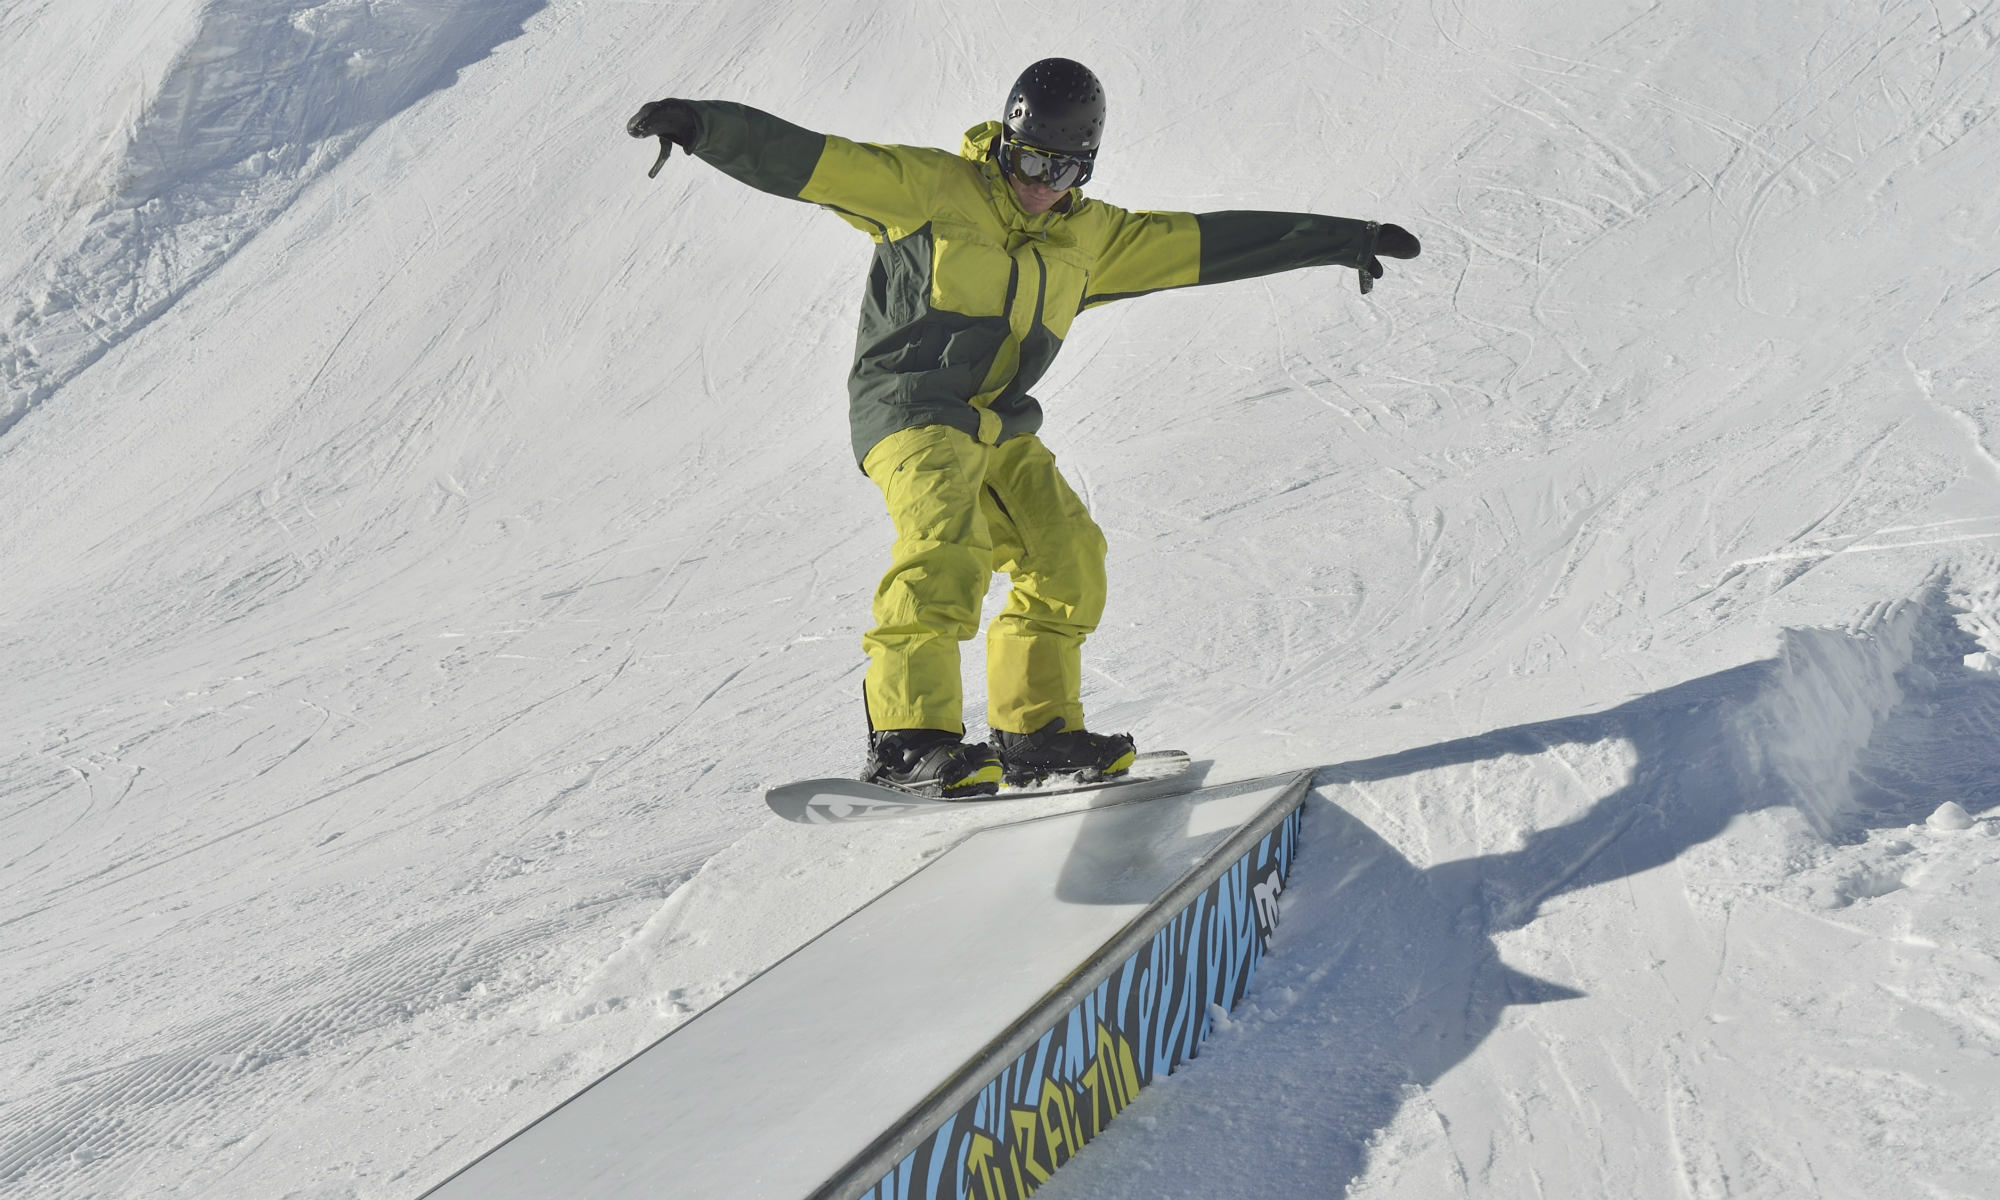 Ein Snowboarder fährt über eine Box in einem Funpark in Nendaz.